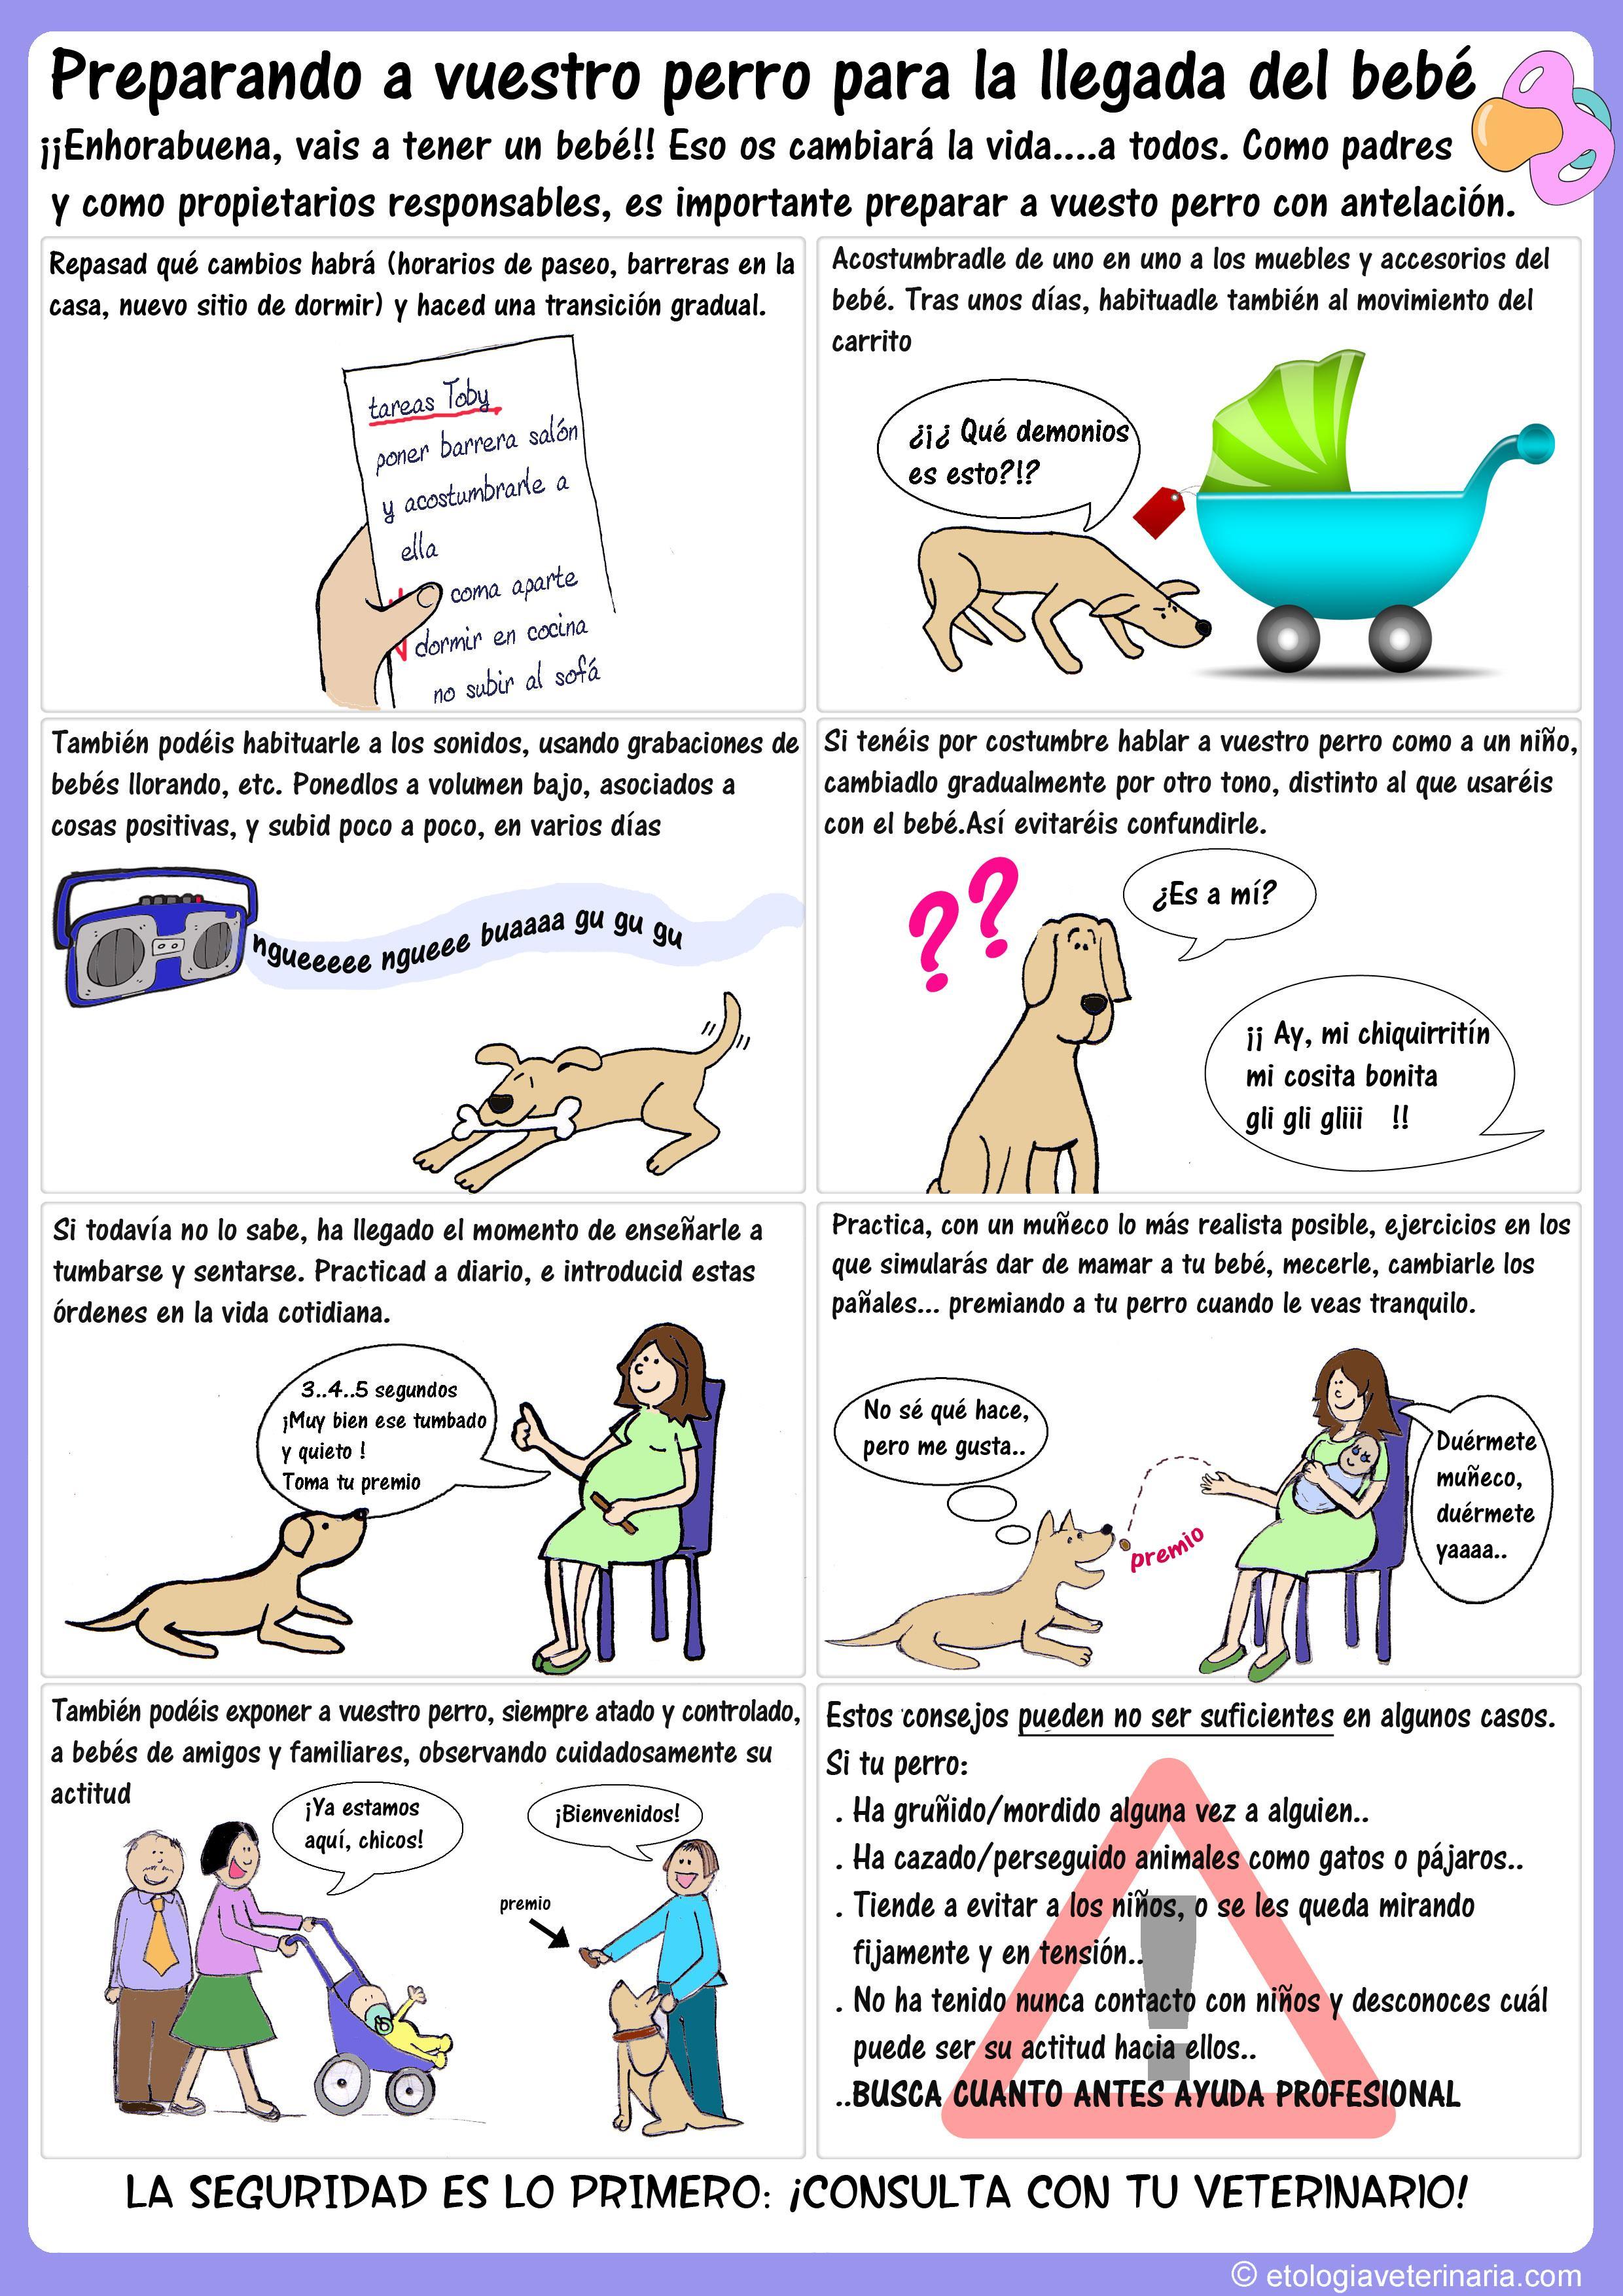 Cómo preparar la llegada del bebé a casa | centauro veterinarios